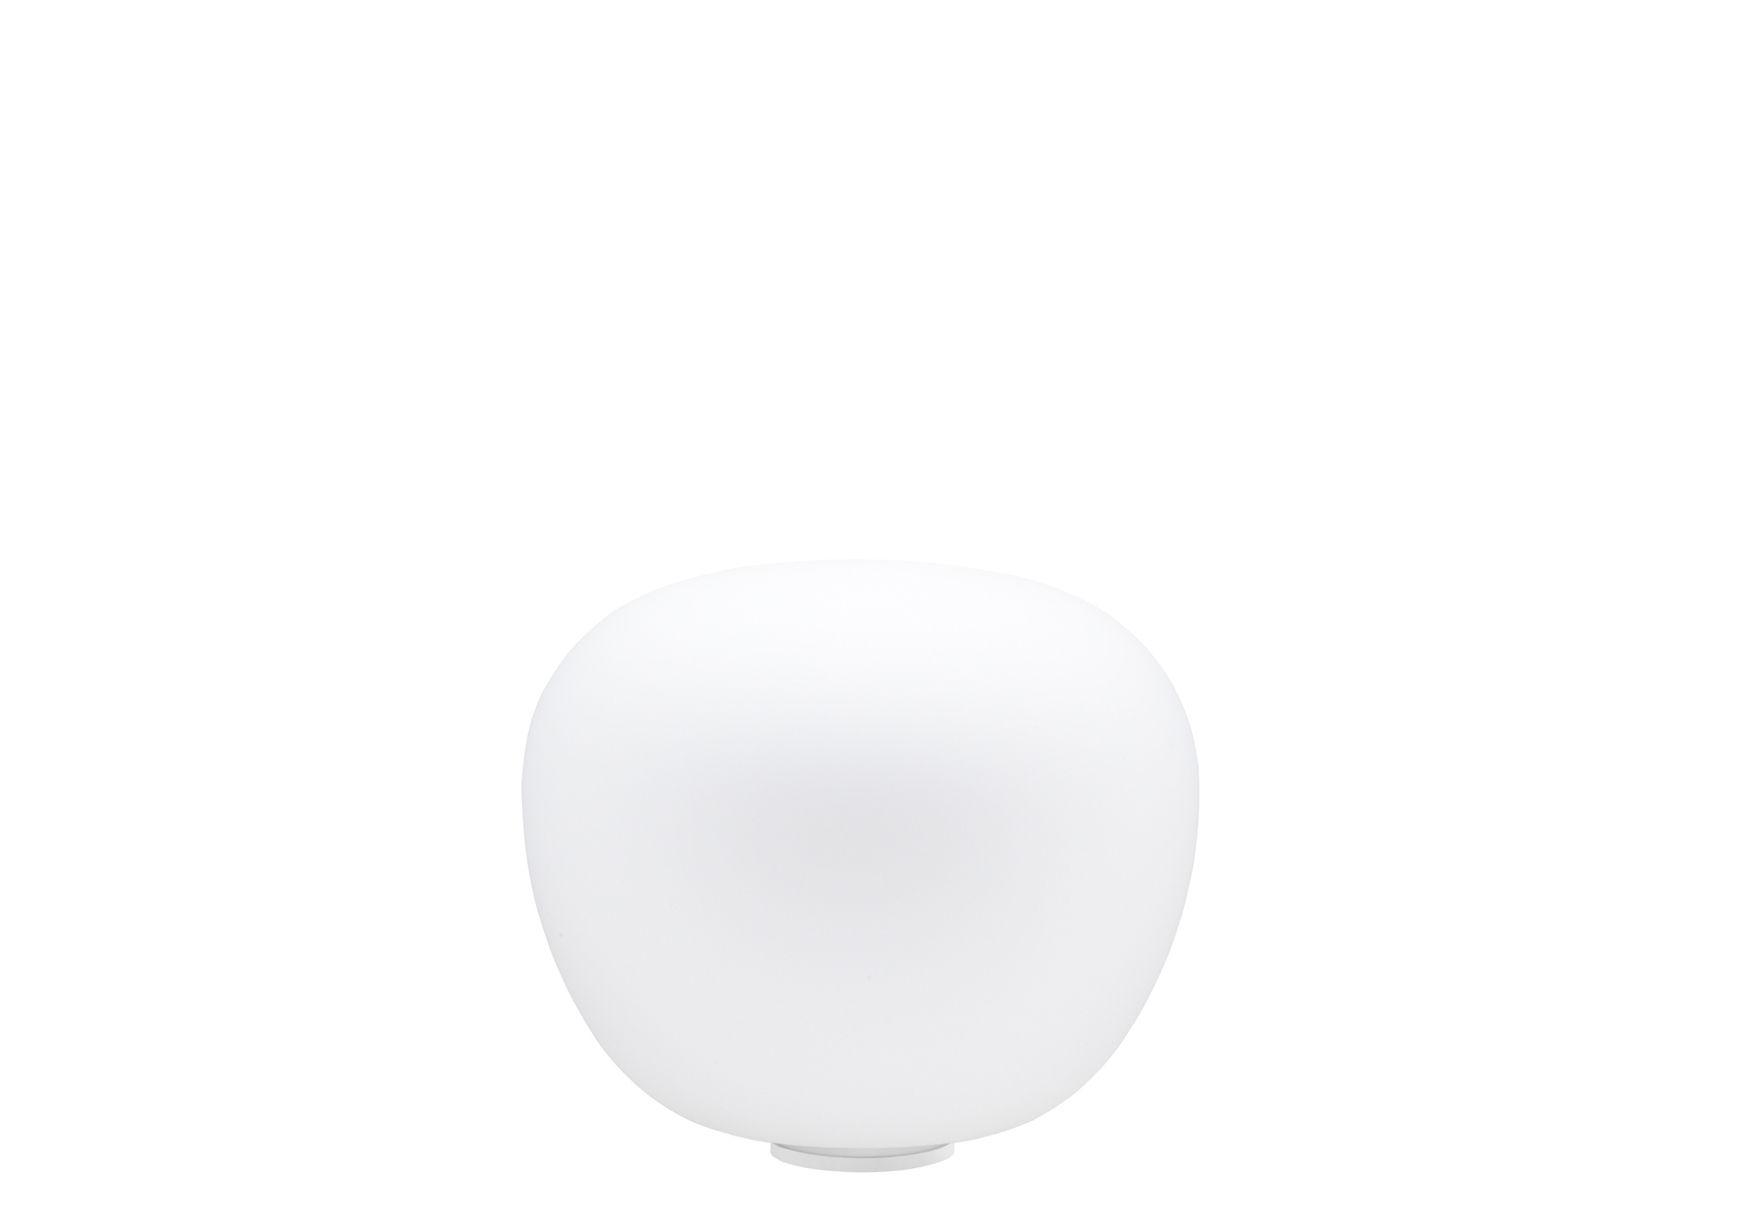 Leuchten - Tischleuchten - Mochi Tischleuchte Ø 12 cm - Fabbian - Weiß - Ø 12 cm - Glas